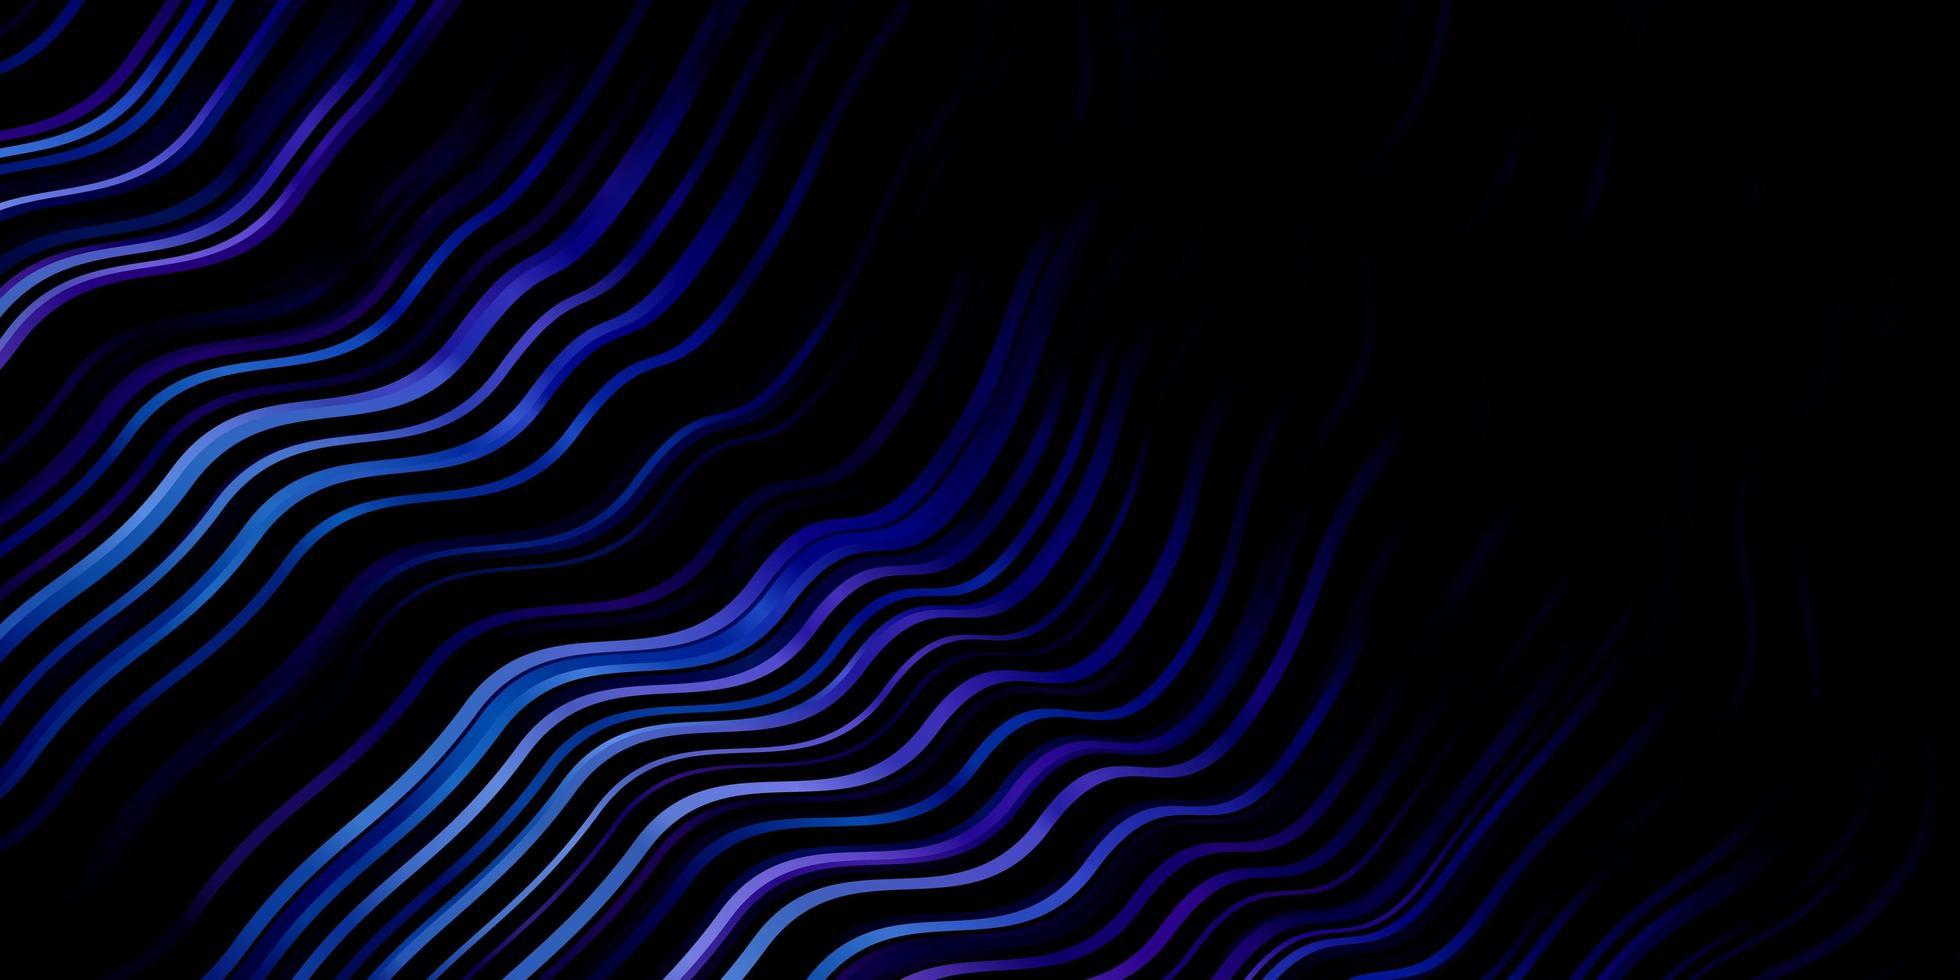 sfondo vettoriale rosa scuro, blu con linee piegate.